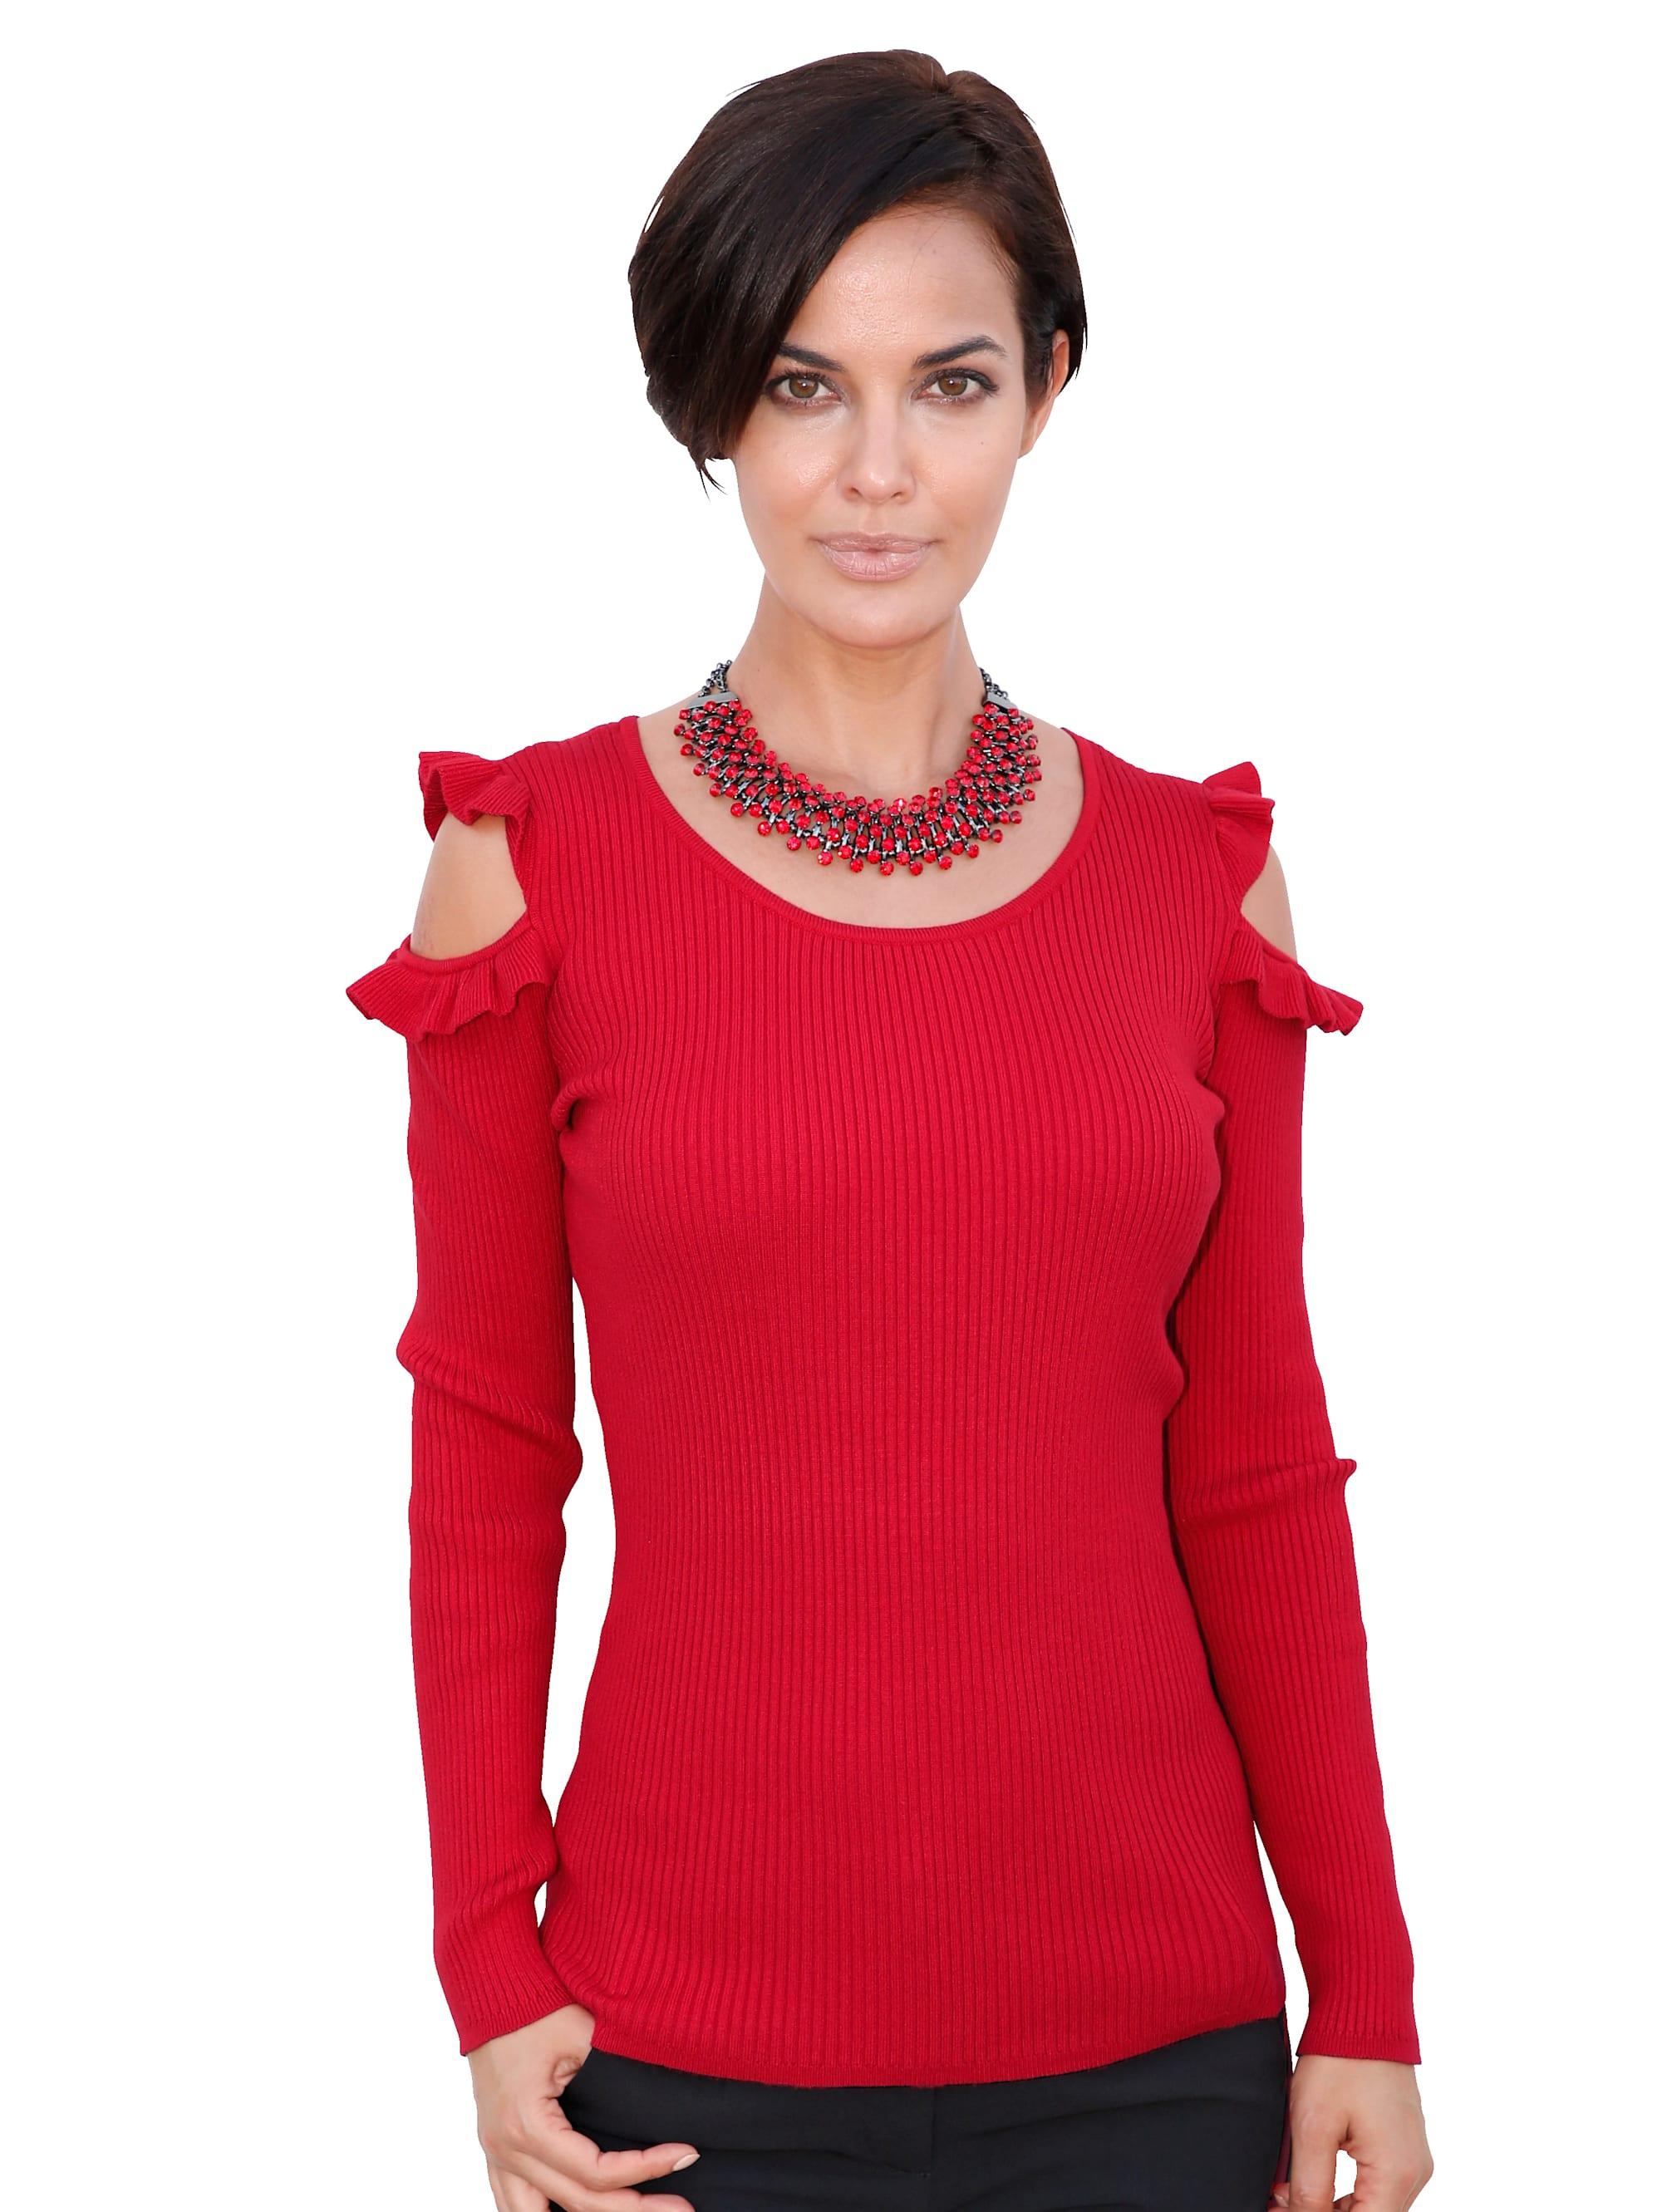 AMY VERMONT Pullover in Rot günstig kaufen